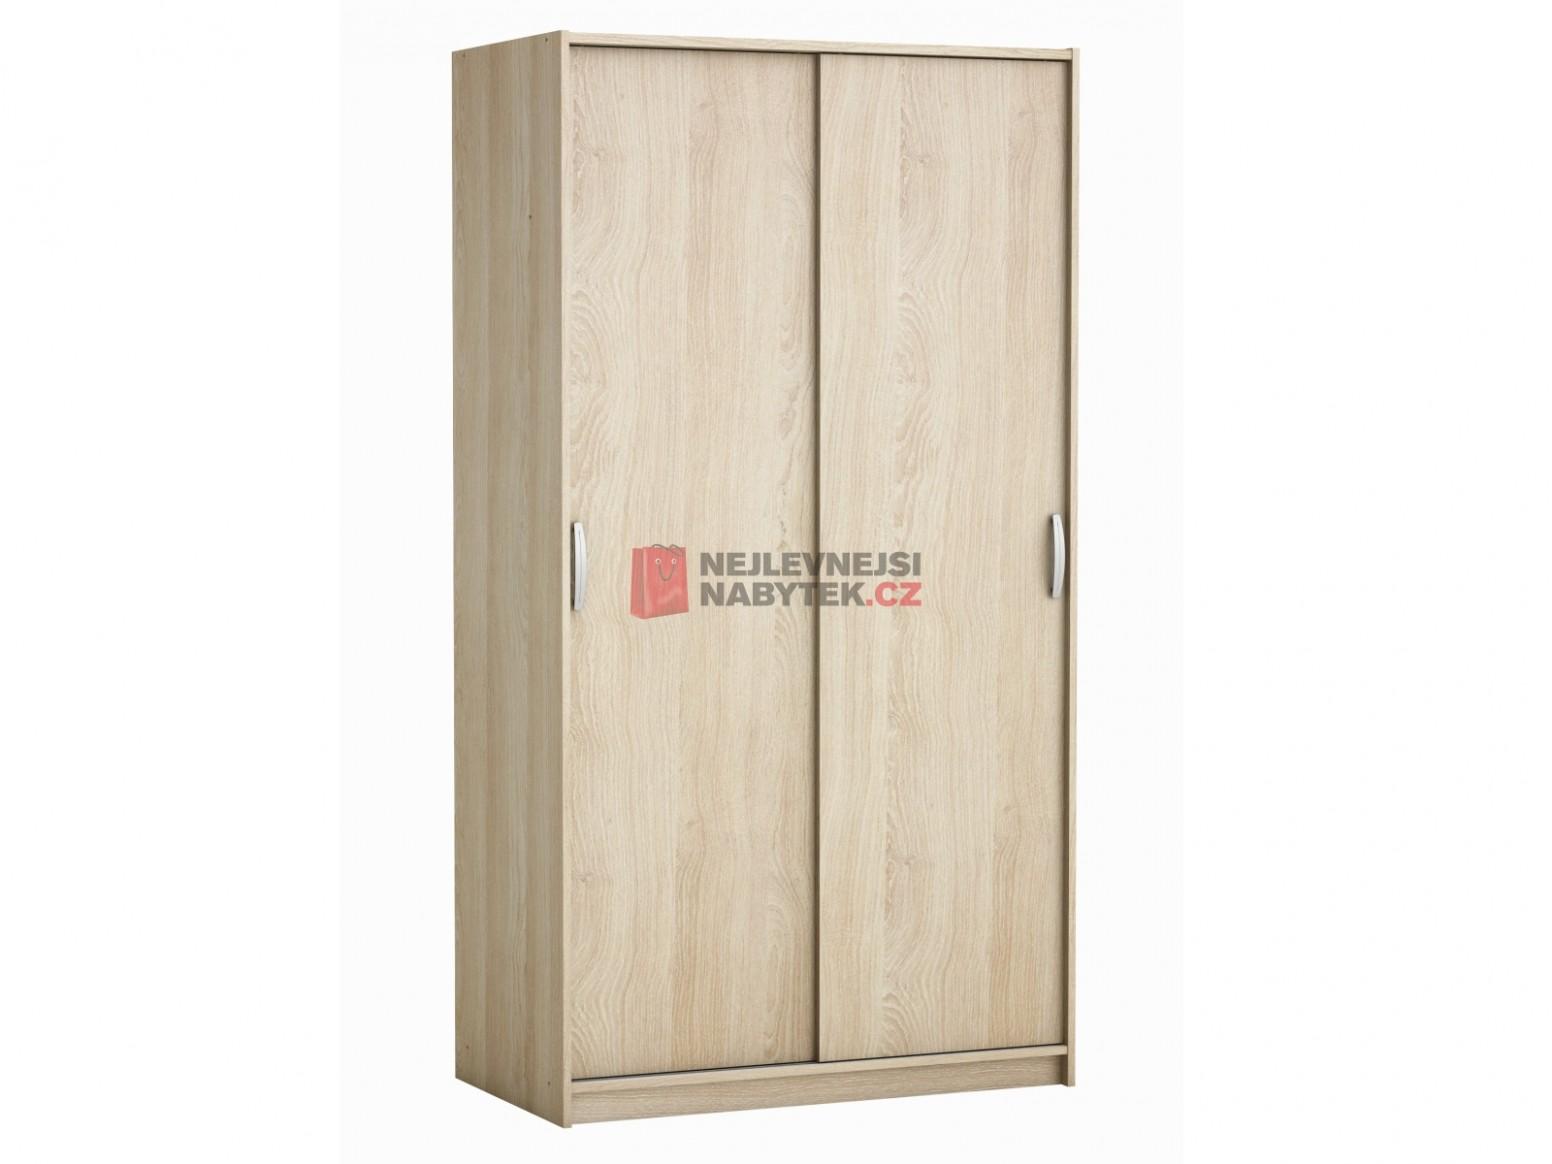 ROLINK skříň s posuvnými dveřmi, dub sonoma   NEJLEVNEJSINABYTEK.CZ